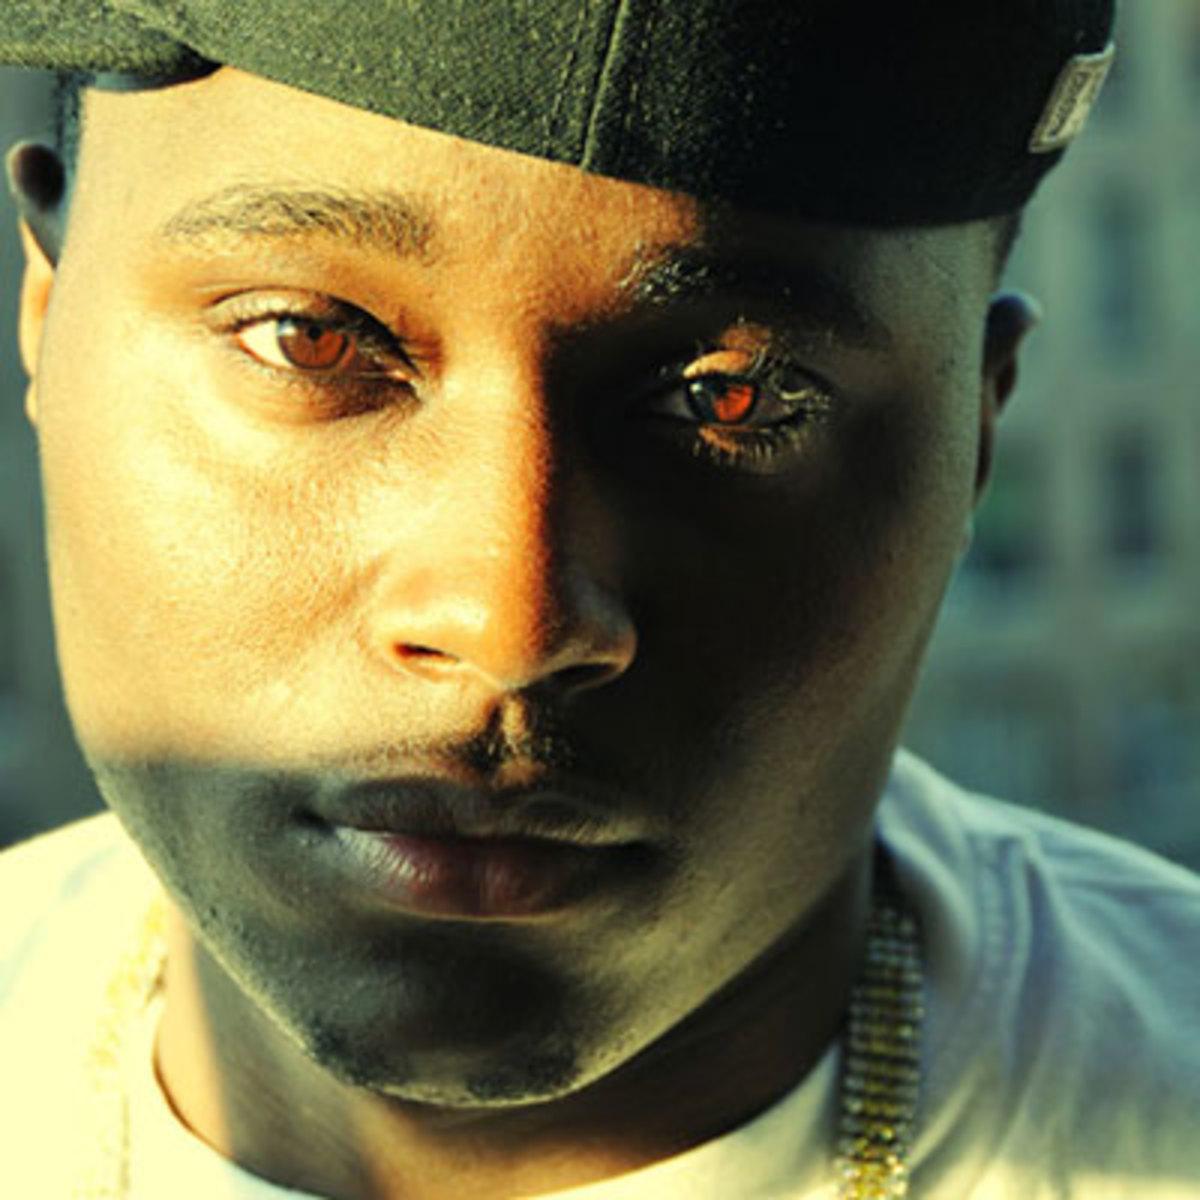 rappernameddame.jpg